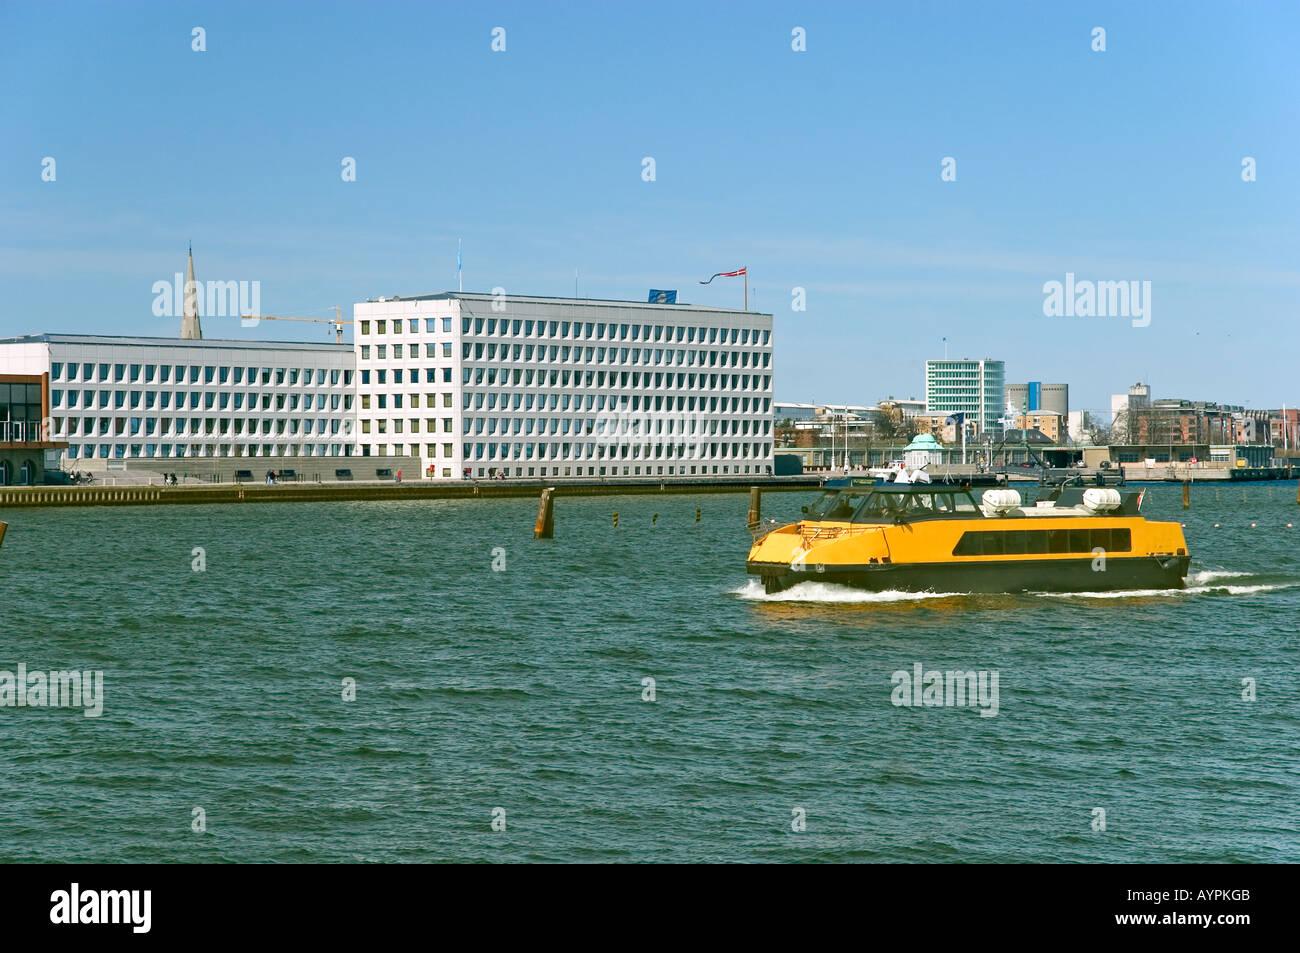 The A P Møller Mærsk A S Maersk head quarter. Copenhagen, Denmark. Stock Photo